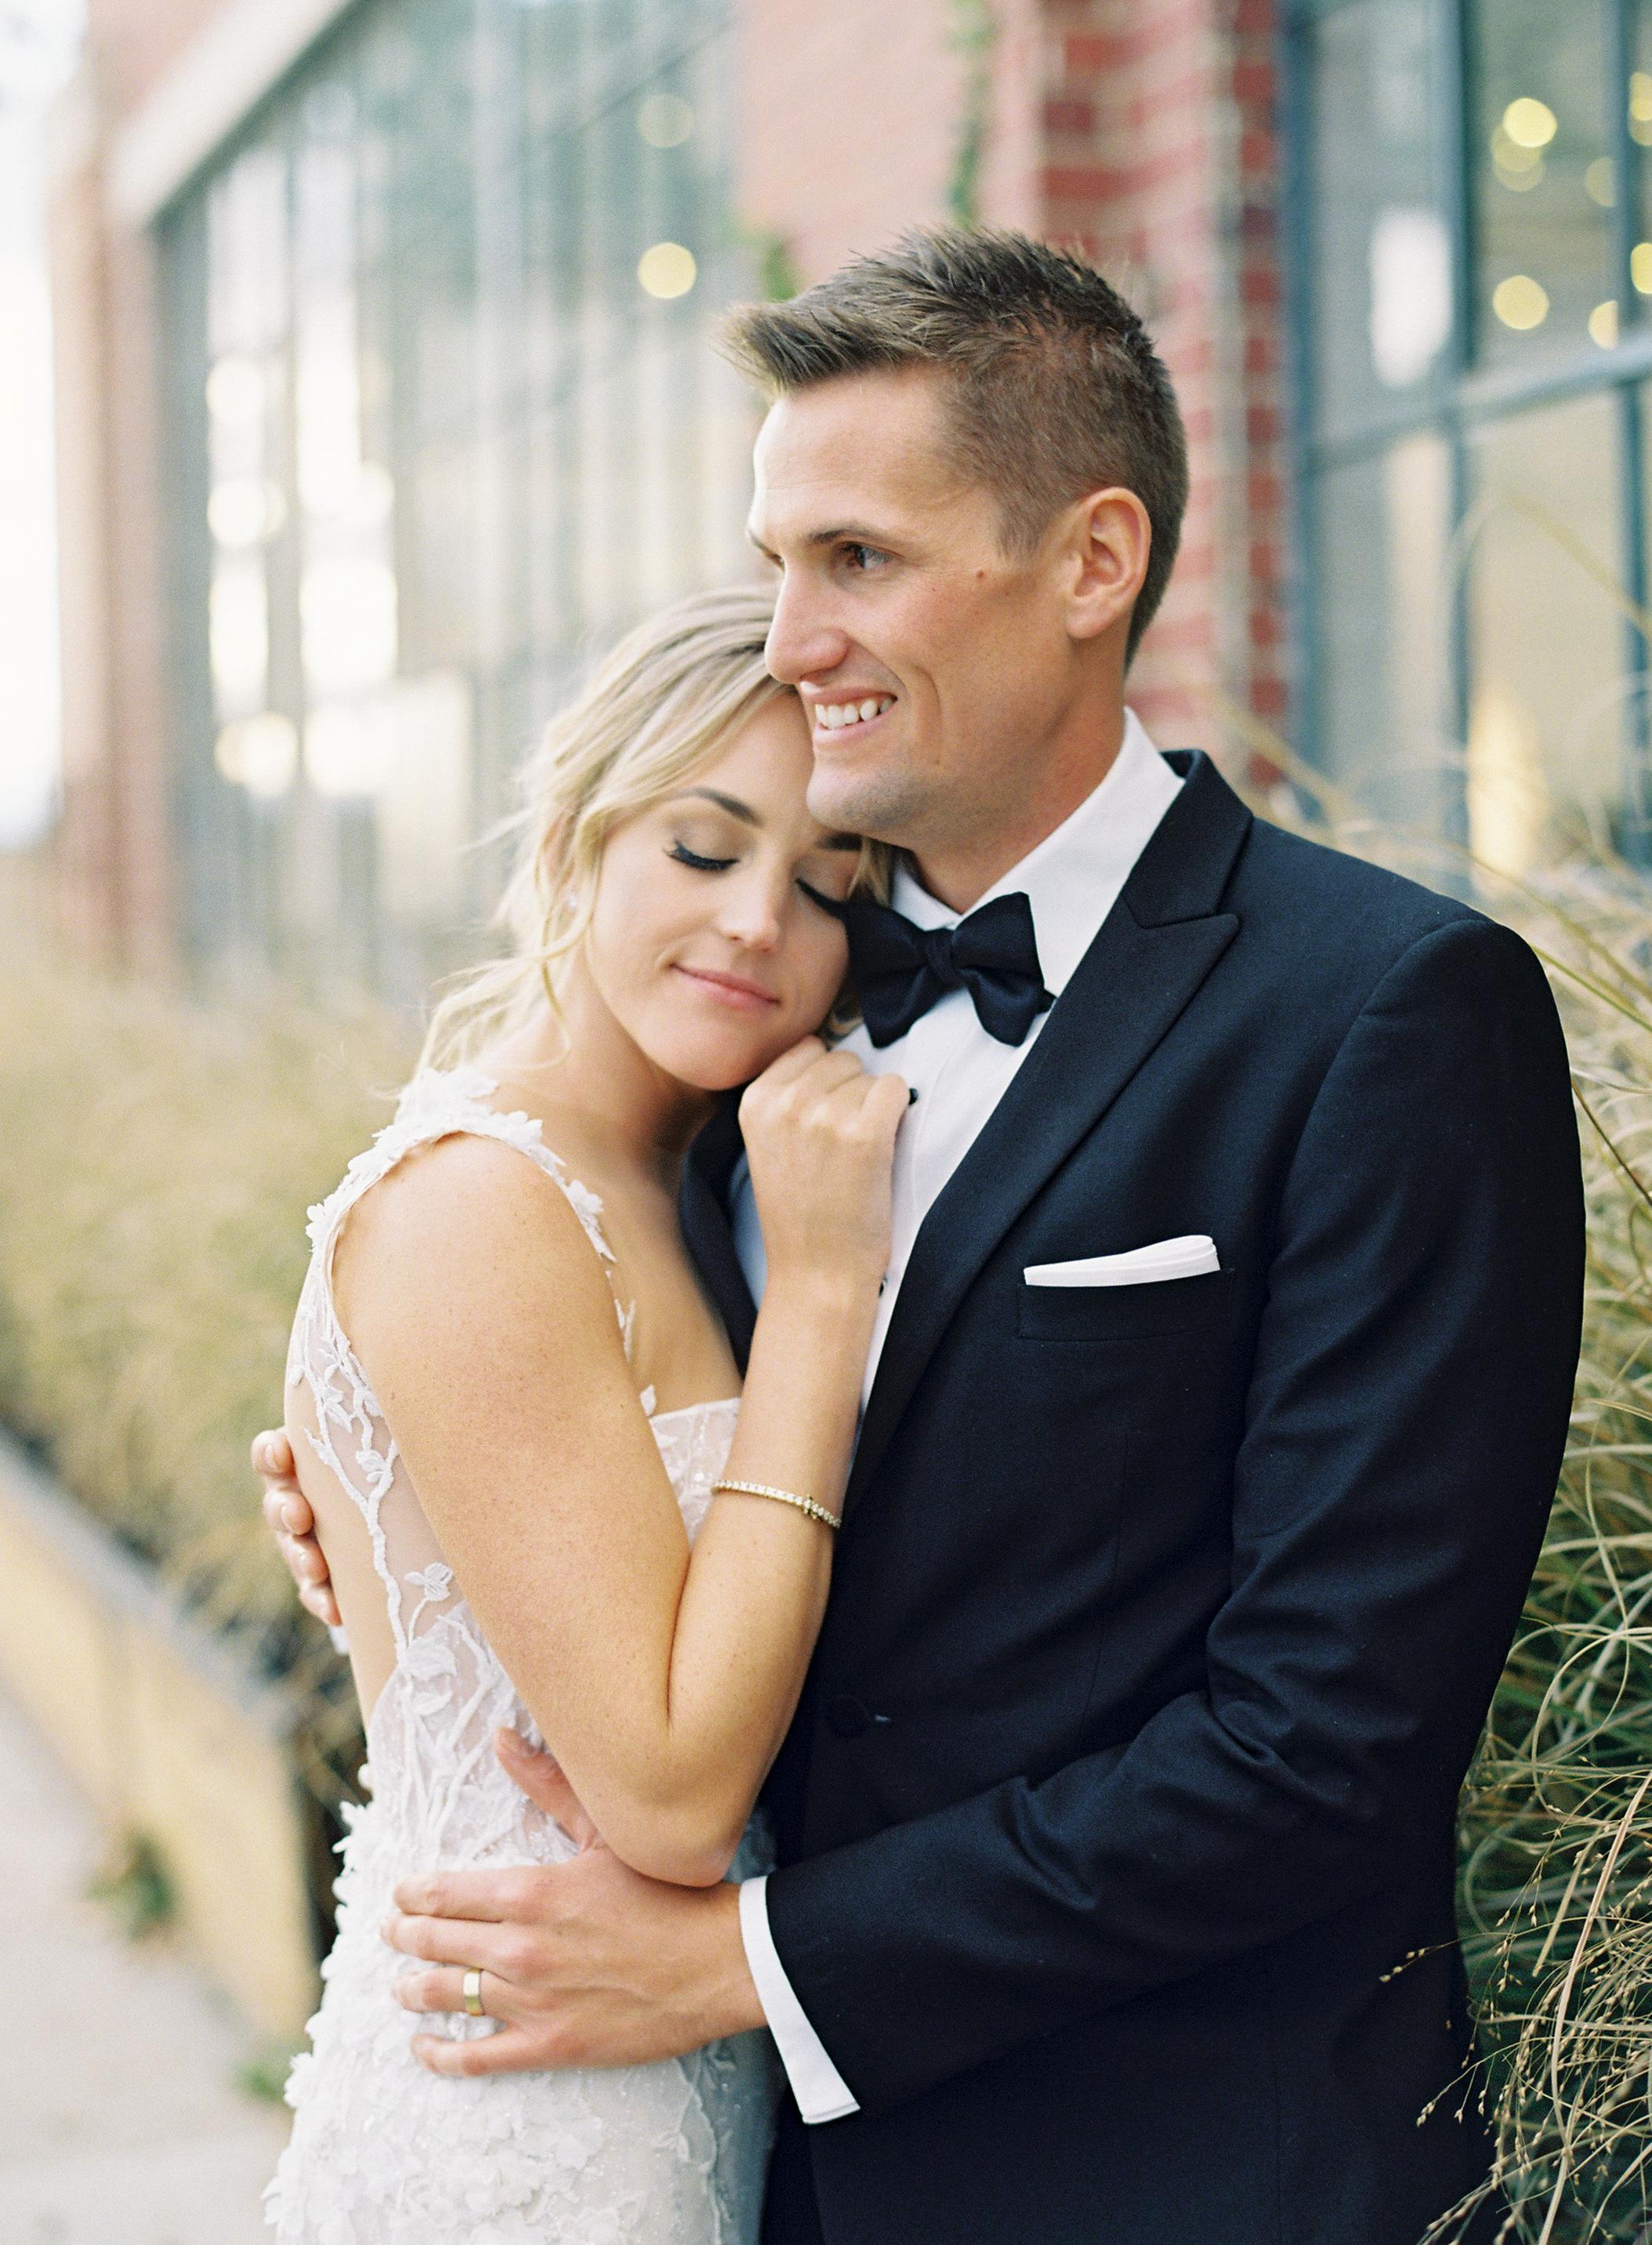 Sarah and John Wedding-Carrie King Photographer-41.jpg